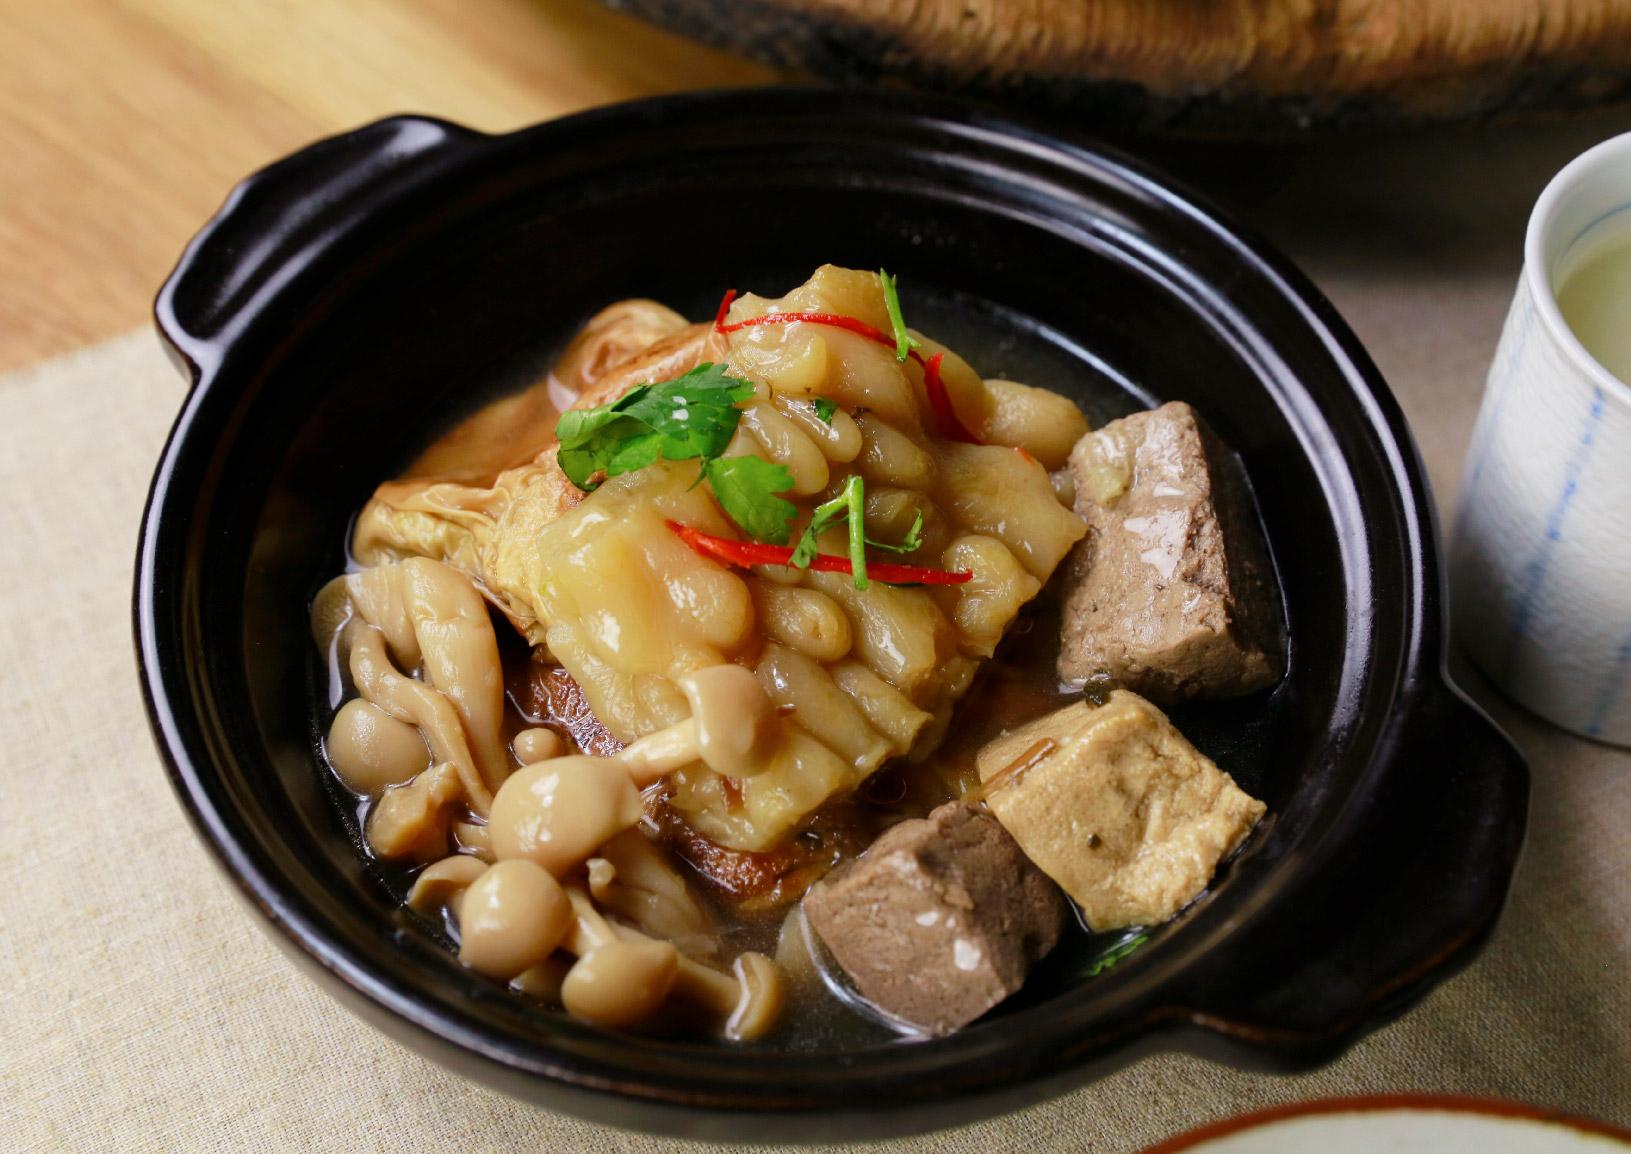 清燉苦瓜梅干豆包 以味噌溜清燉苦瓜,加入傳統梅干與禾乃川手作豆皮豆腐入菜,成就一道全蔬食料理。   甘樂食堂   古厝裡的美味時光